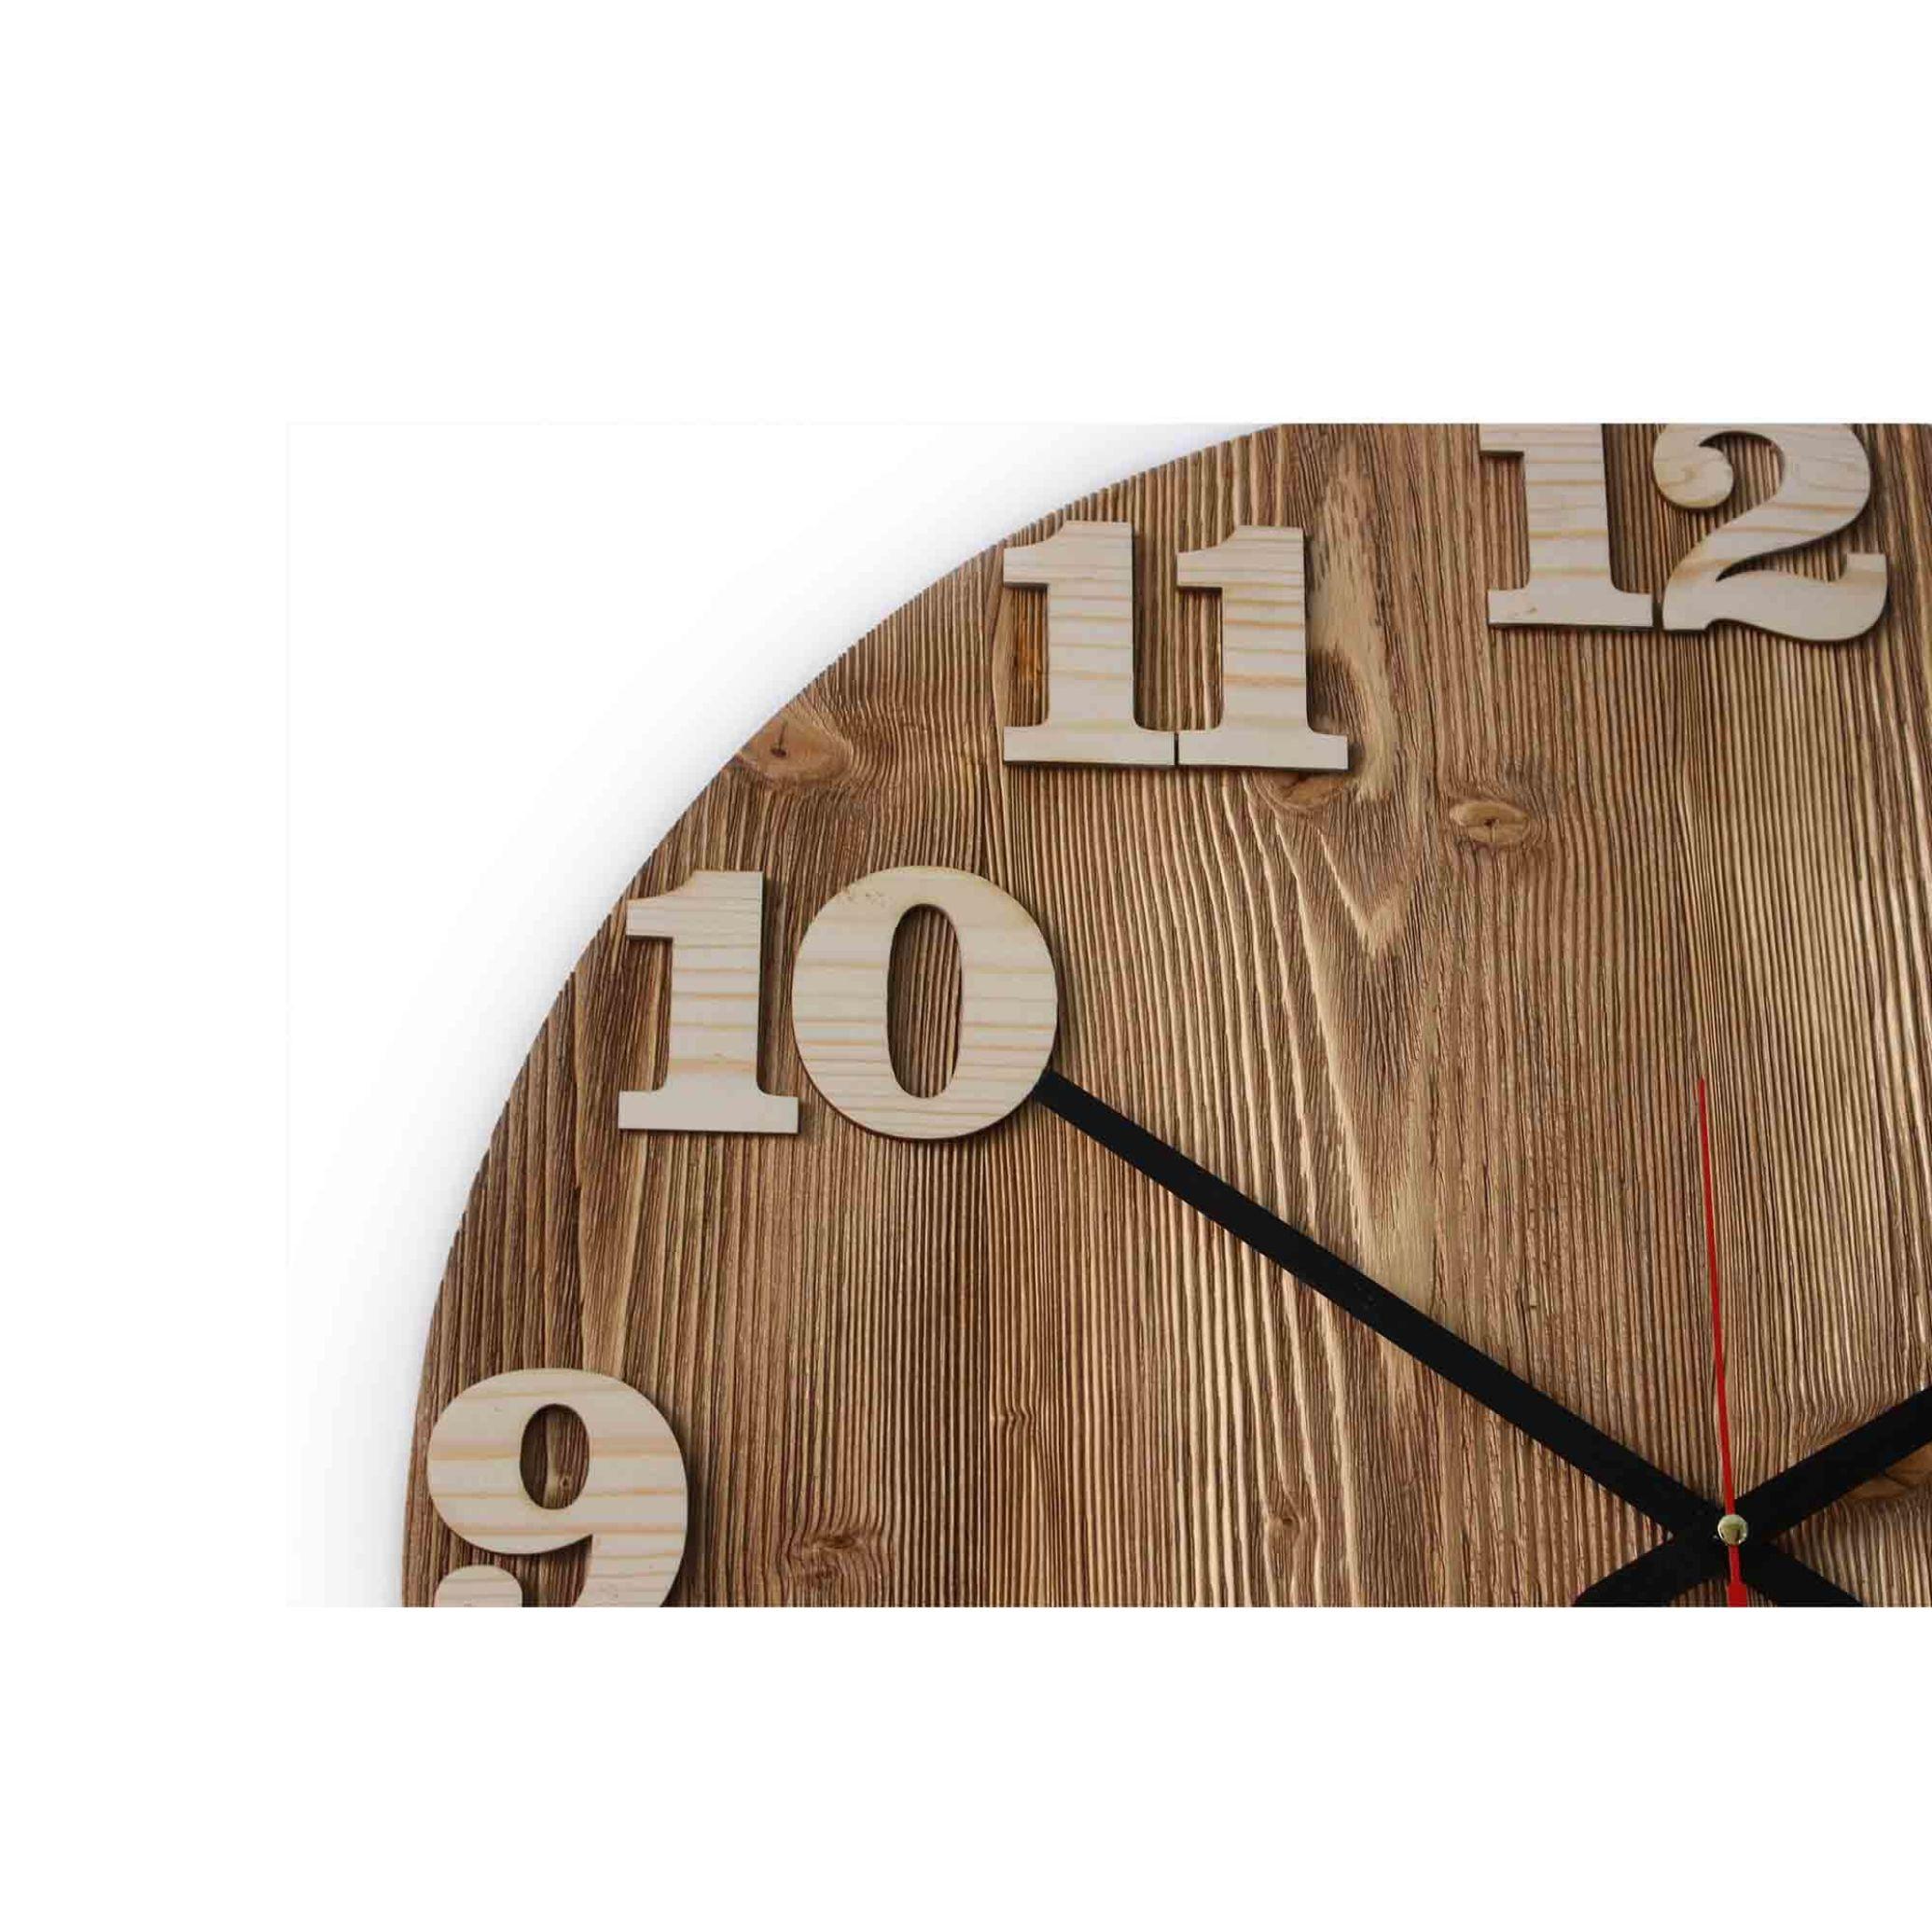 ساعت تمام چوب روس